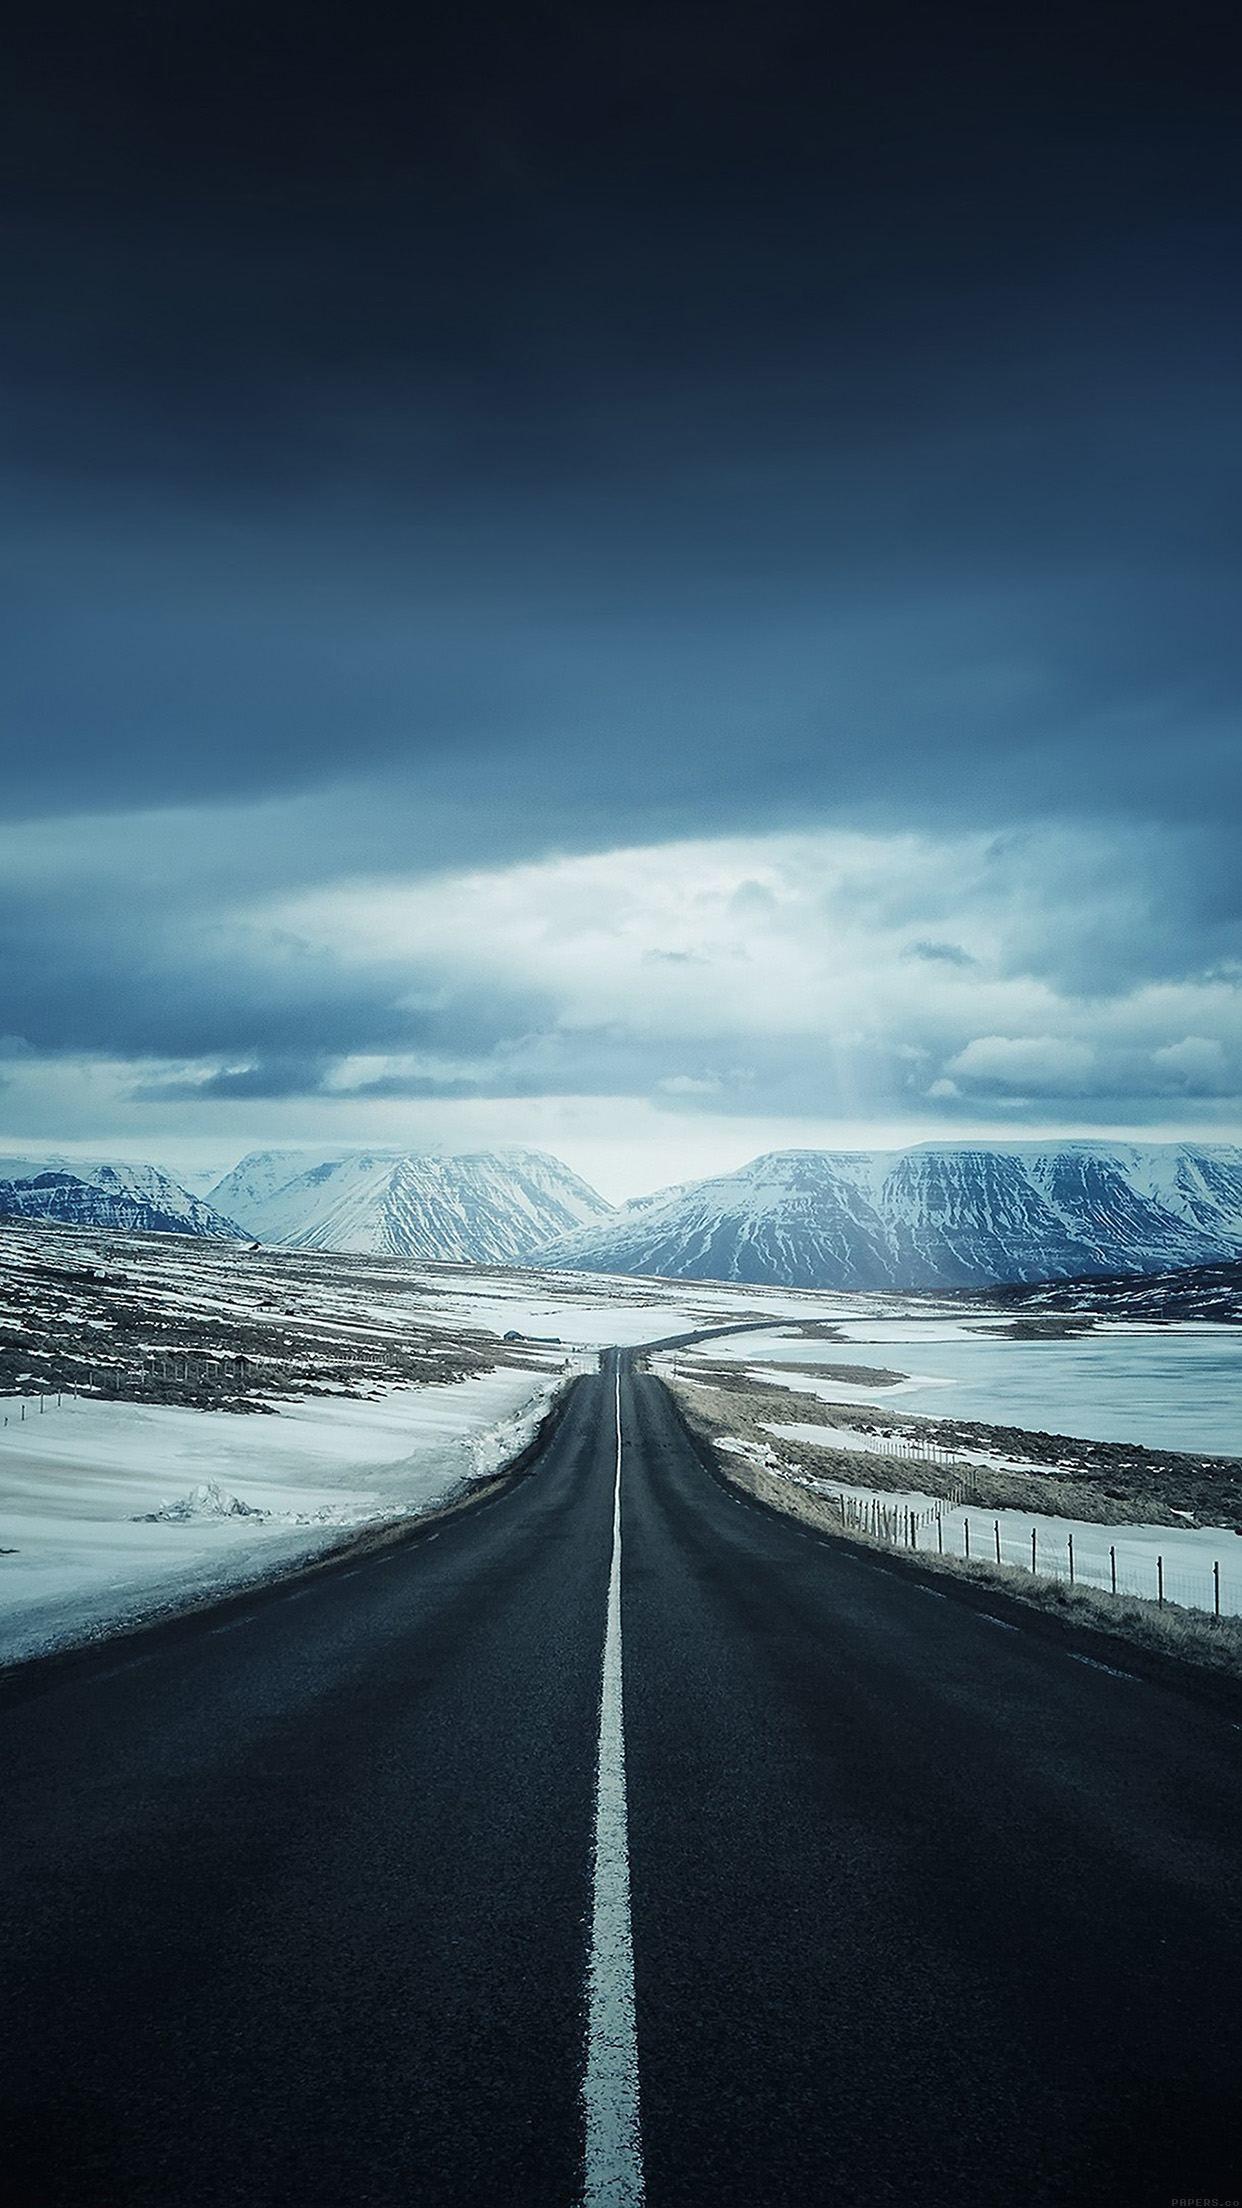 افضل الخلفيات للايفون 6 بلس جربها الان ع كيفك Iphone Wallpaper Landscape Beautiful Nature Wallpaper Mountain Wallpaper